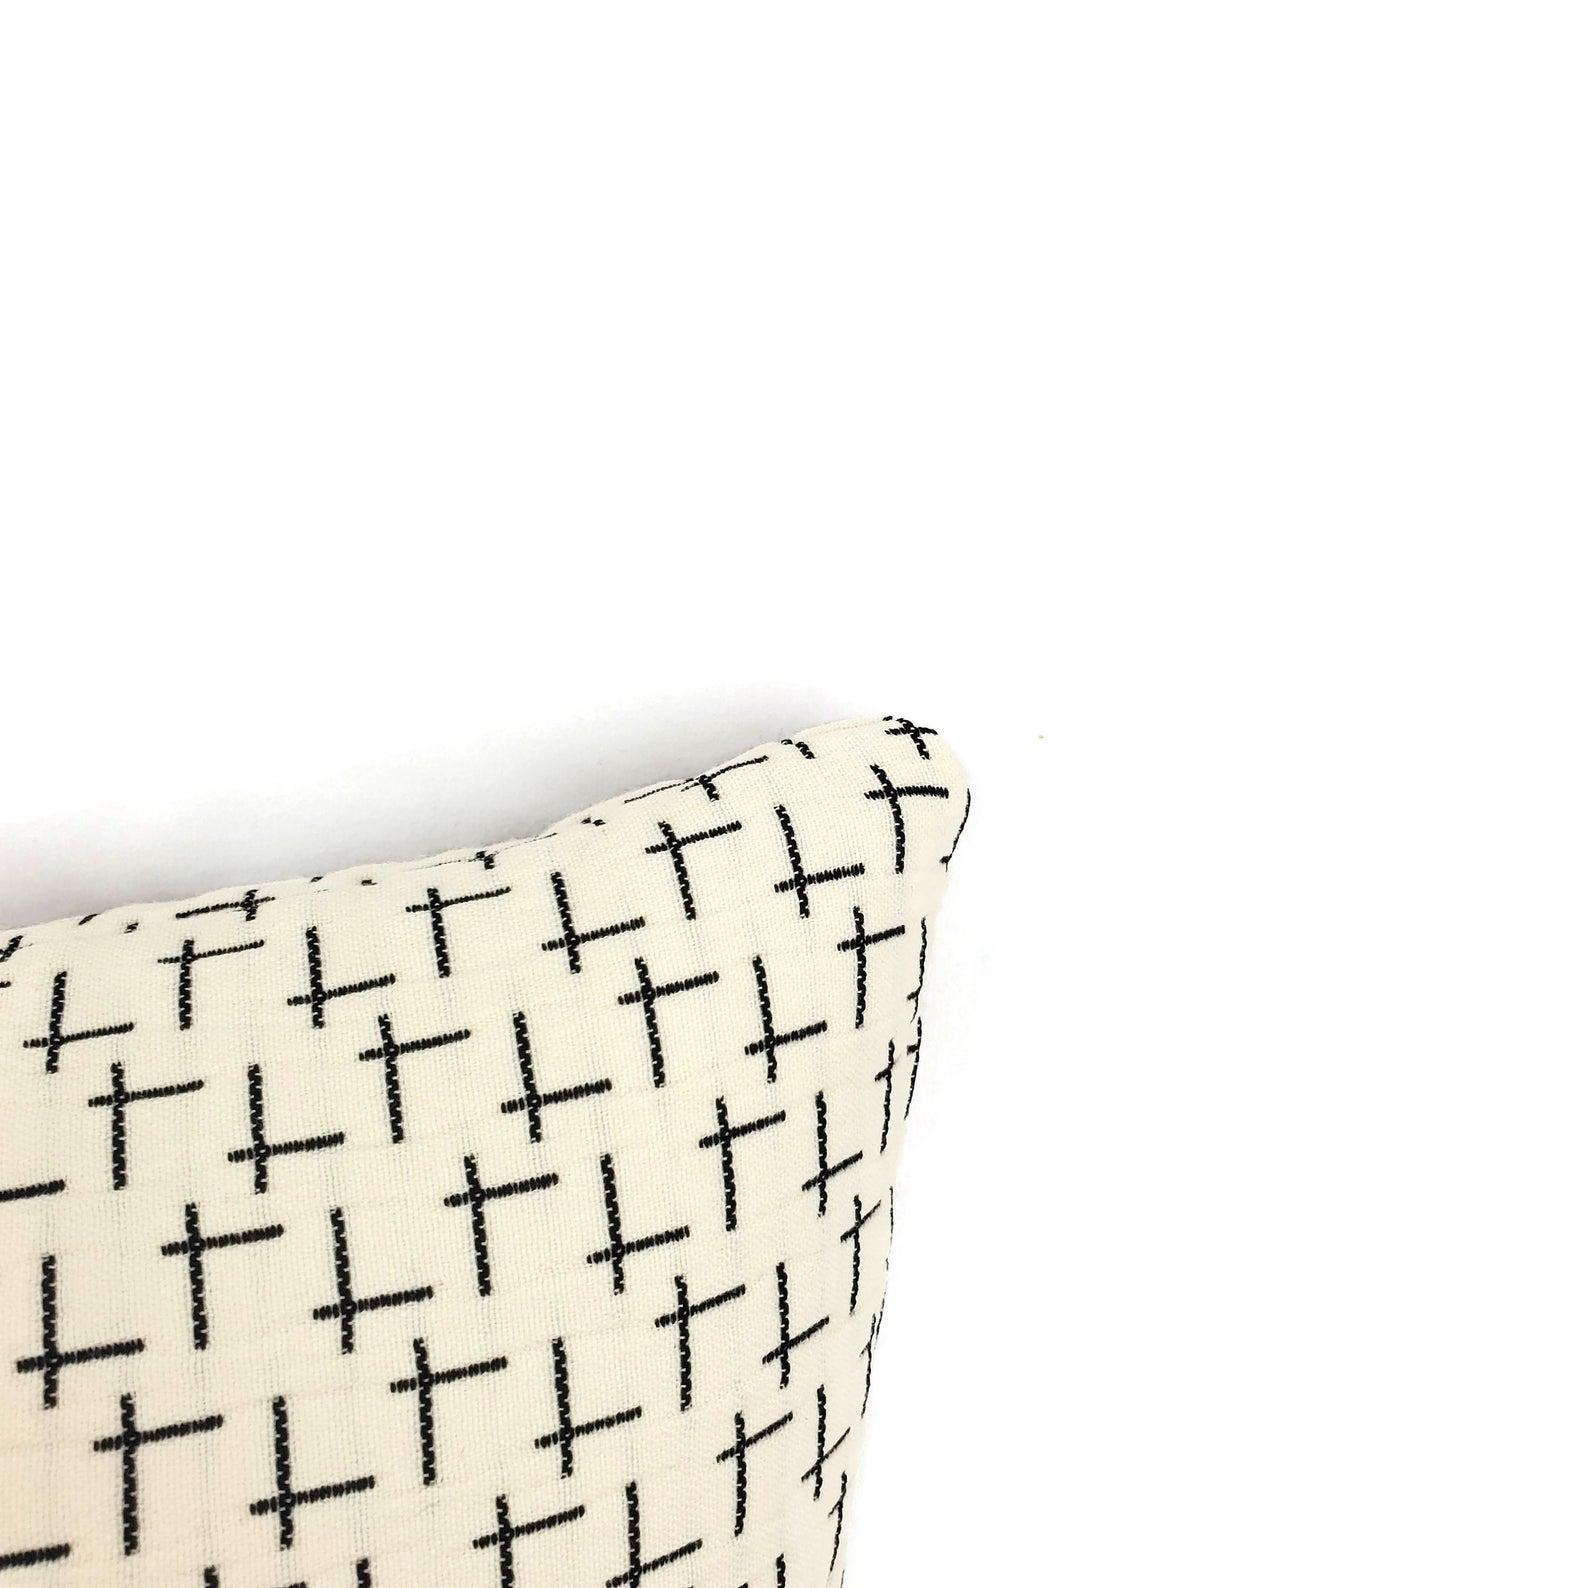 designtex cream with black west elm tack cloth in cream lumbar pillow cover 13 x 20